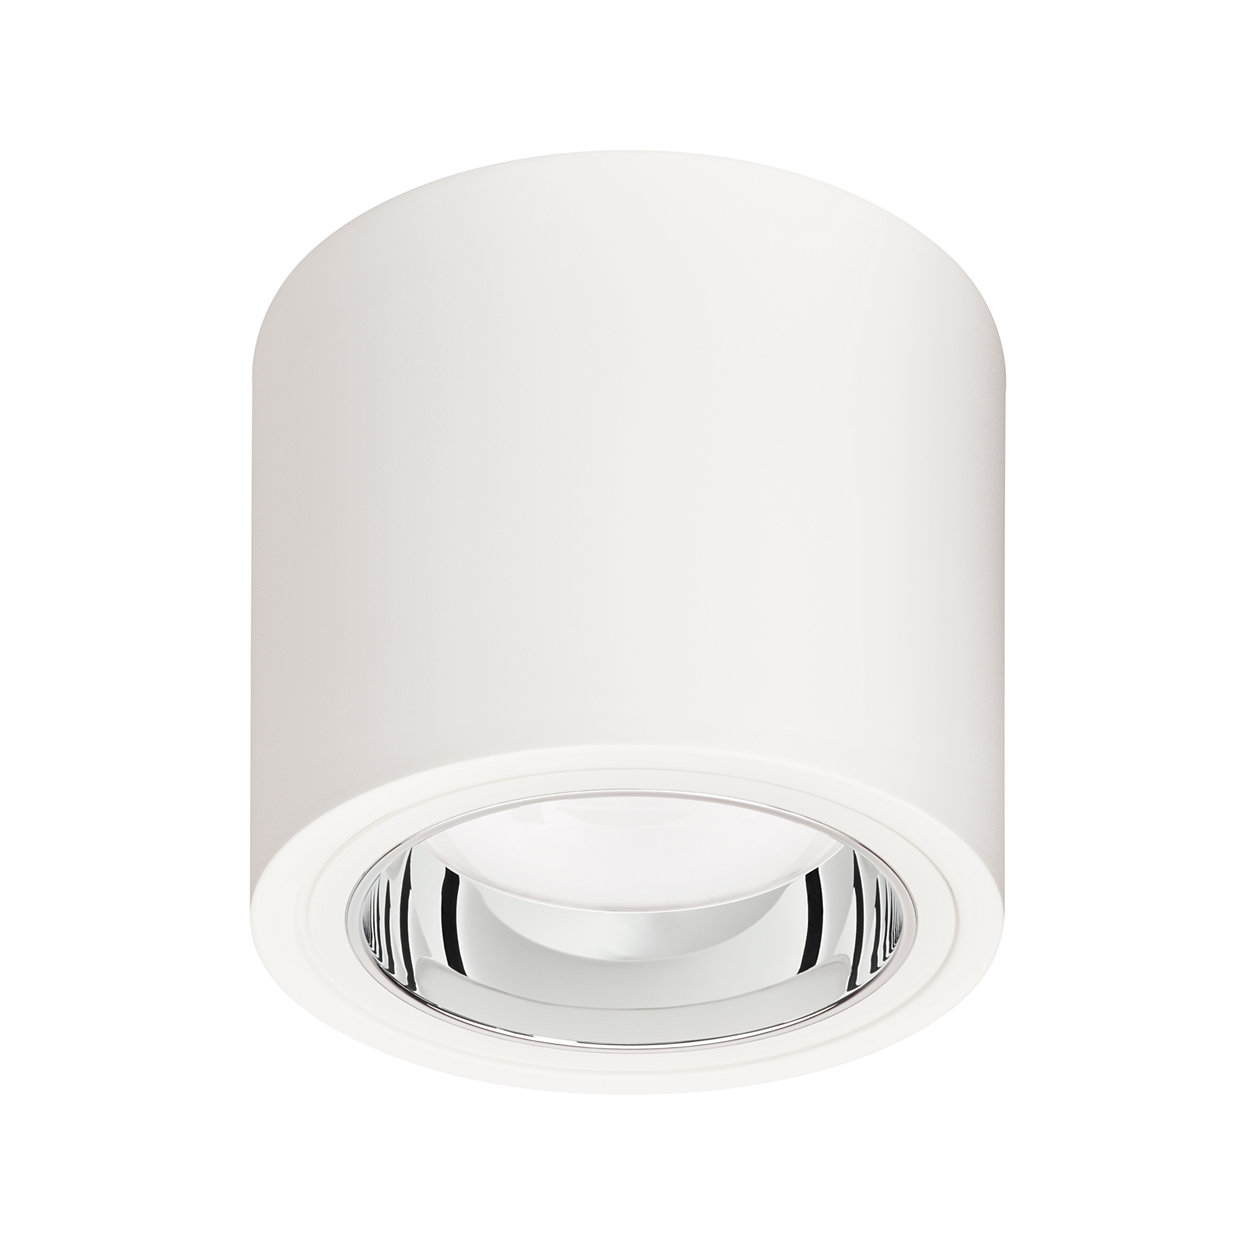 LuxSpace monté en surface – efficacité élevée, confort visuel et design élégant